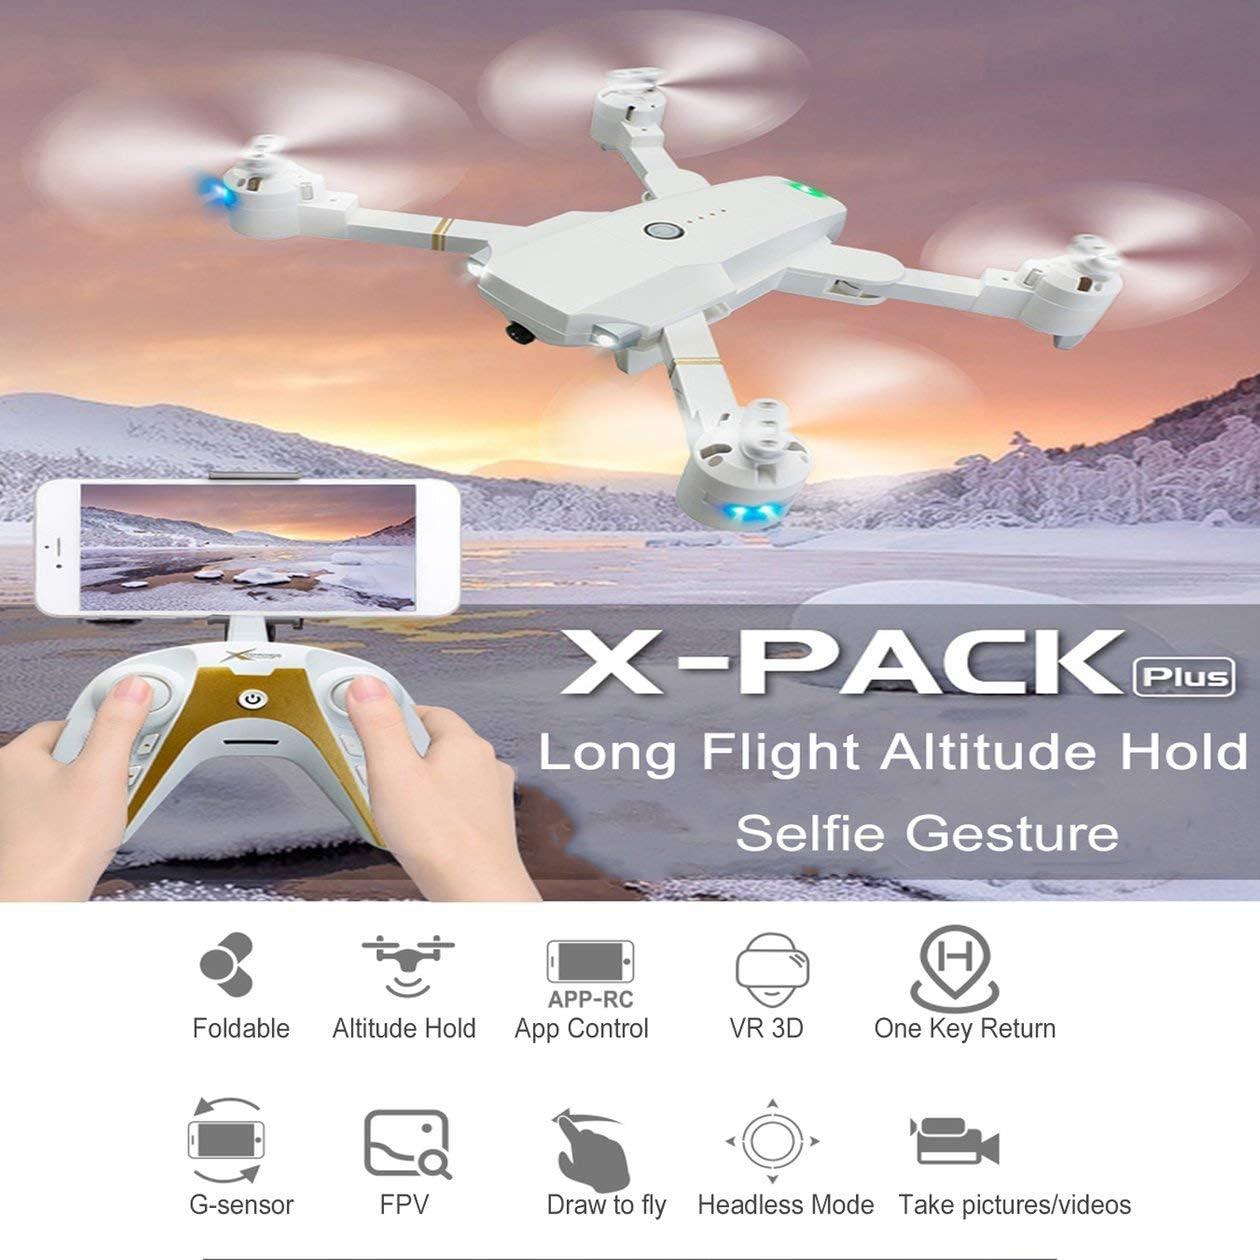 HONZIRY Attop XT1 Plus 2.4G FPV Drone Plegable RC Quadcopter con 1080P Gran Angular Gesto de cámara Autorretrato Vuelo de altitud de Vuelo Largo, Blanco: Amazon.es: Juguetes y juegos